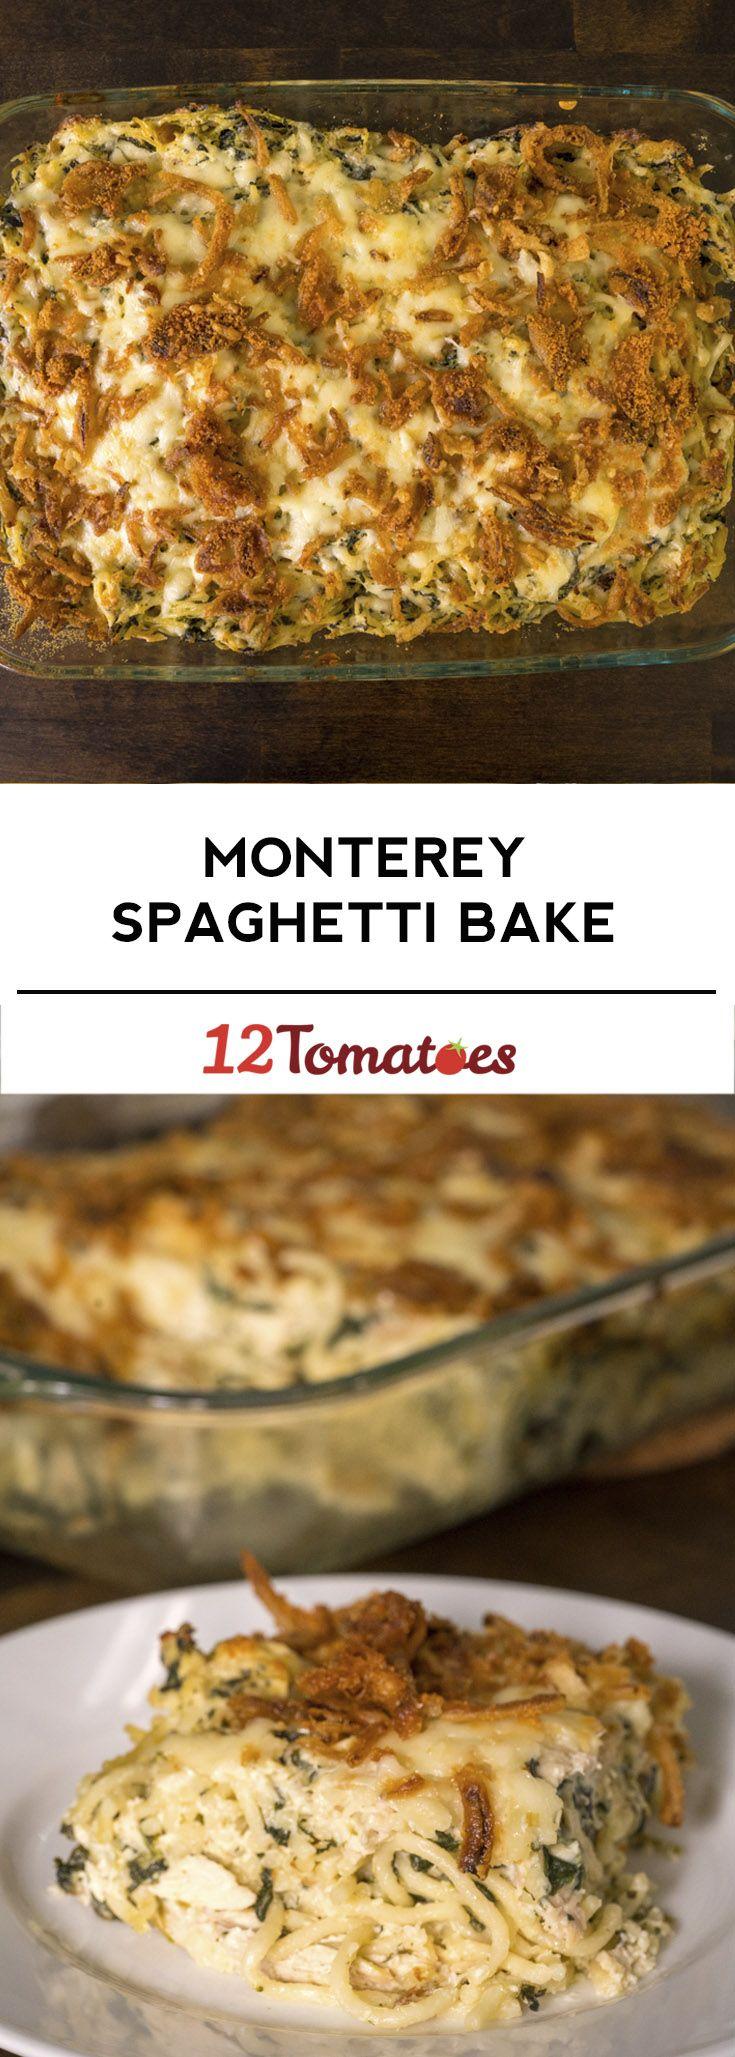 Monterey Chicken Spaghetti Bake